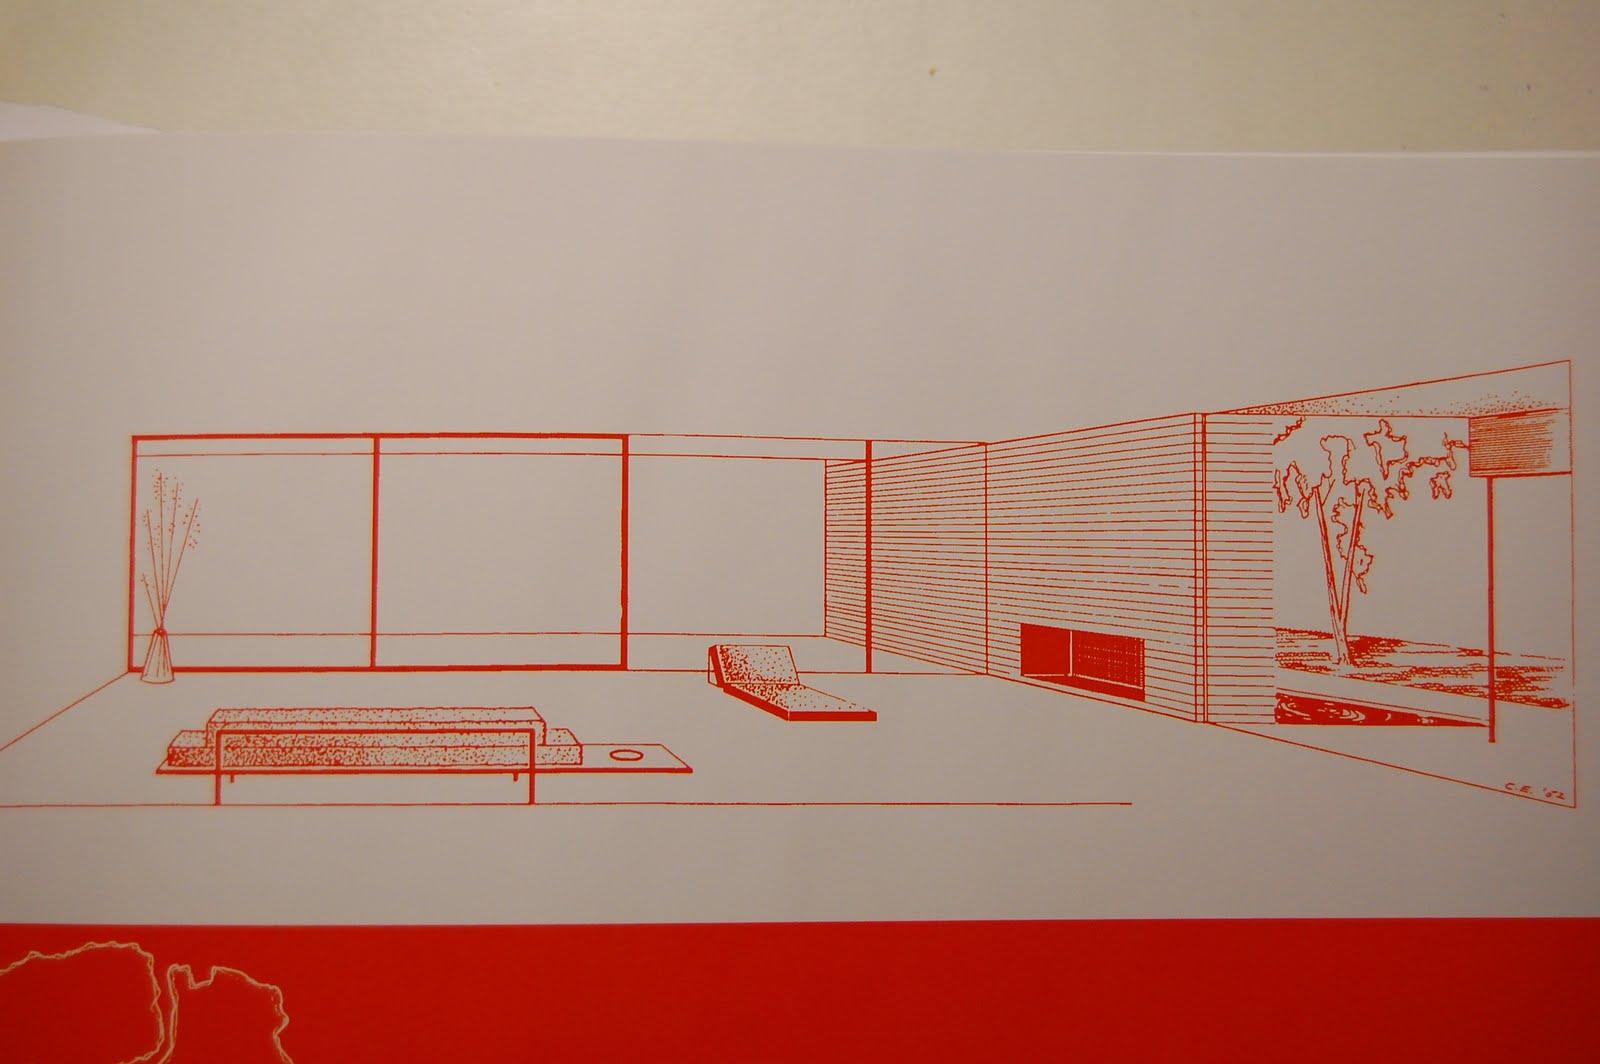 Arquitectura 1 agg mayo 2011 - Agg arquitectura ...